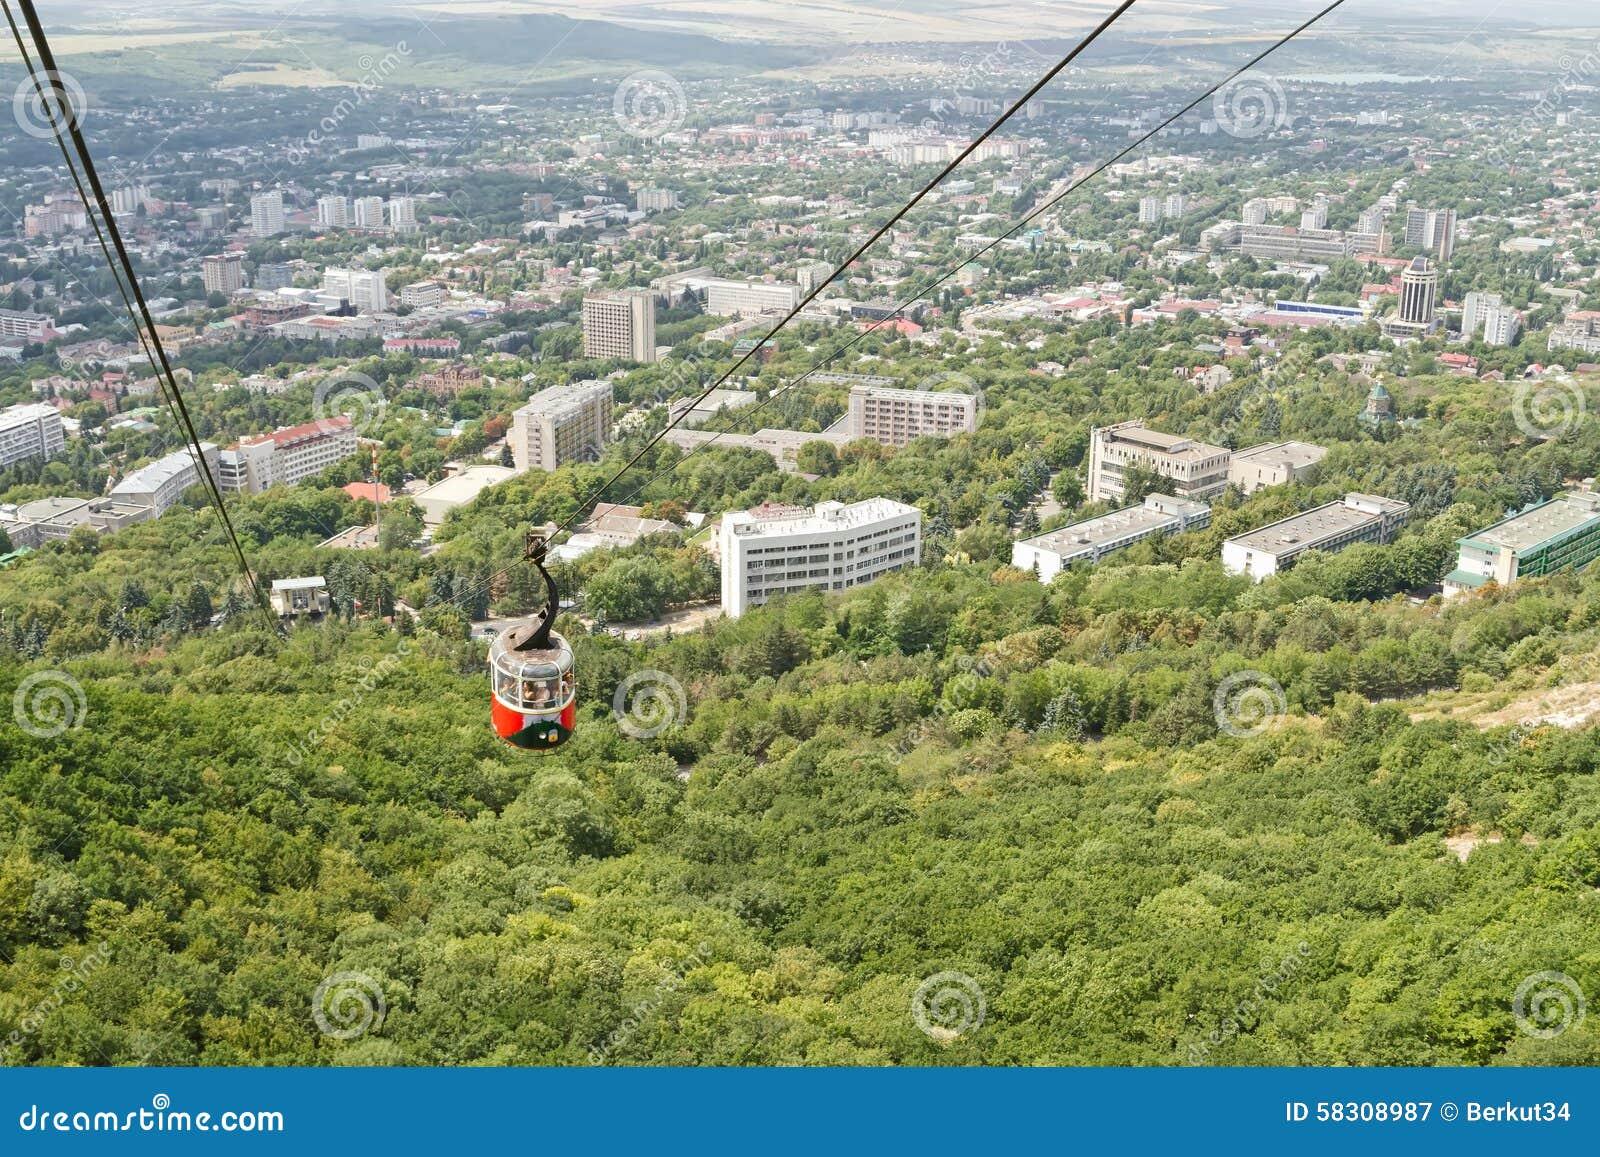 Excursion to the sights of Pyatigorsk 9